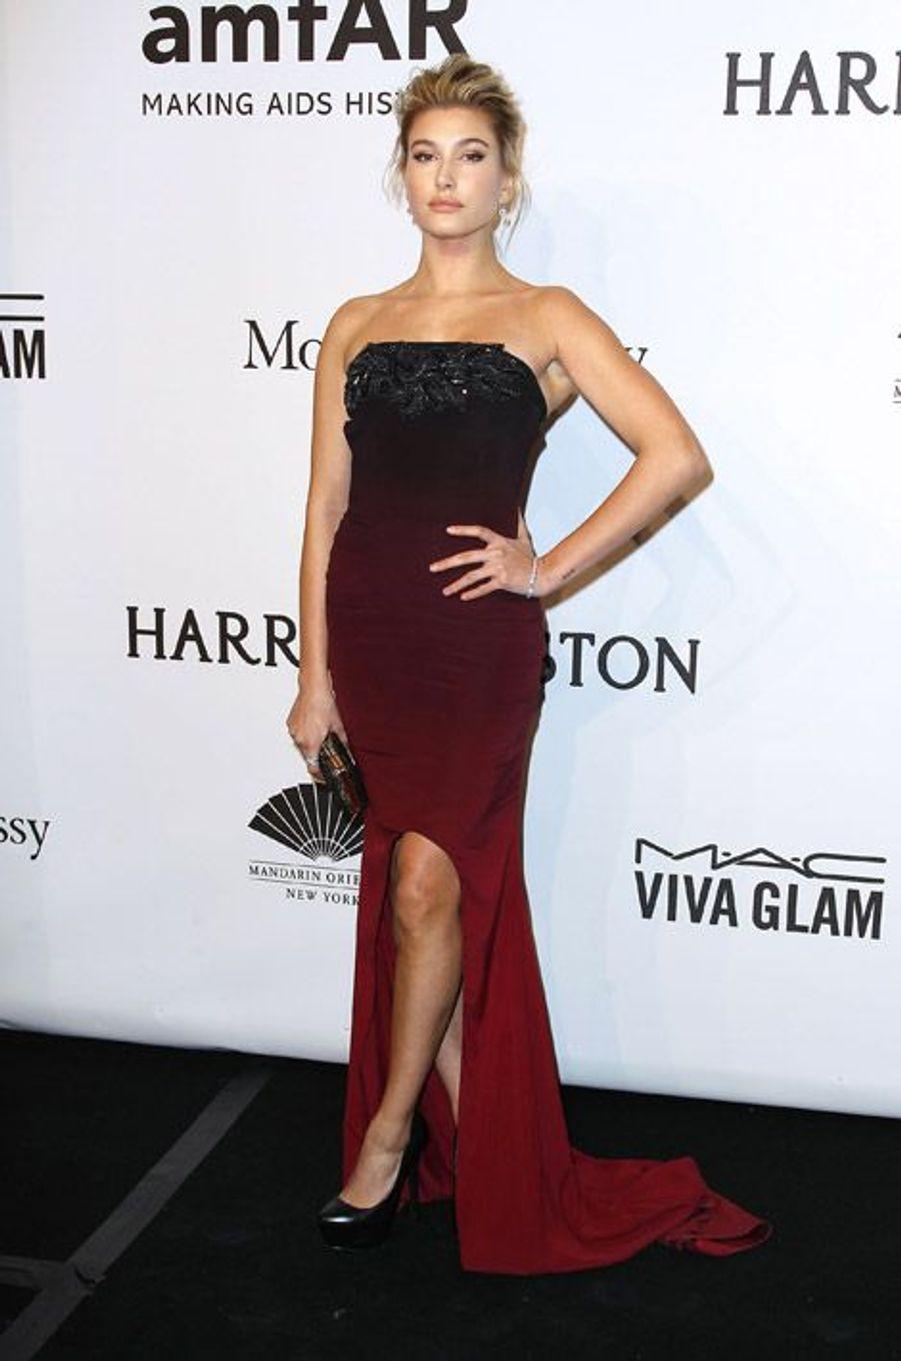 Le mannequin Hailey Baldwin au gala de l'AmfAR à New York, le 11 février 2015